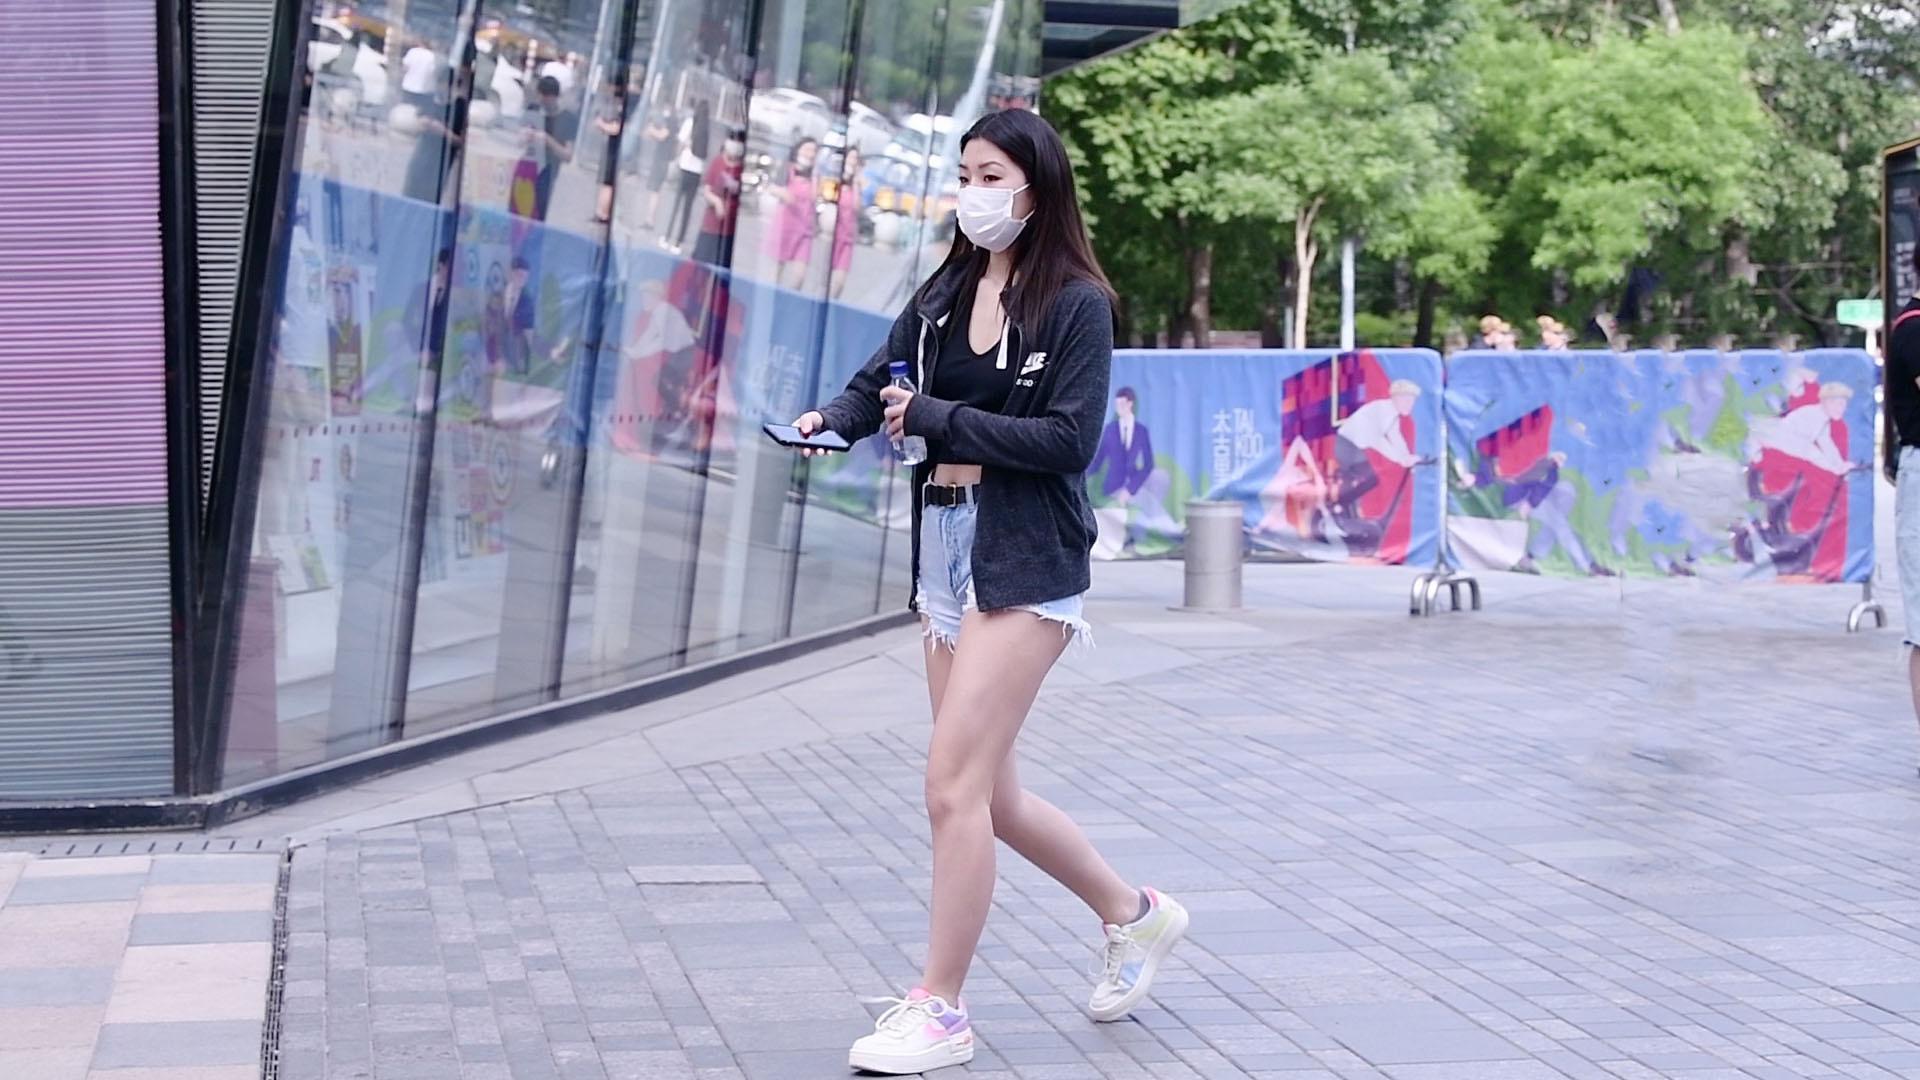 牛仔短裤的搭配,夏季也可以穿出层次感,好看的姑娘更会穿搭